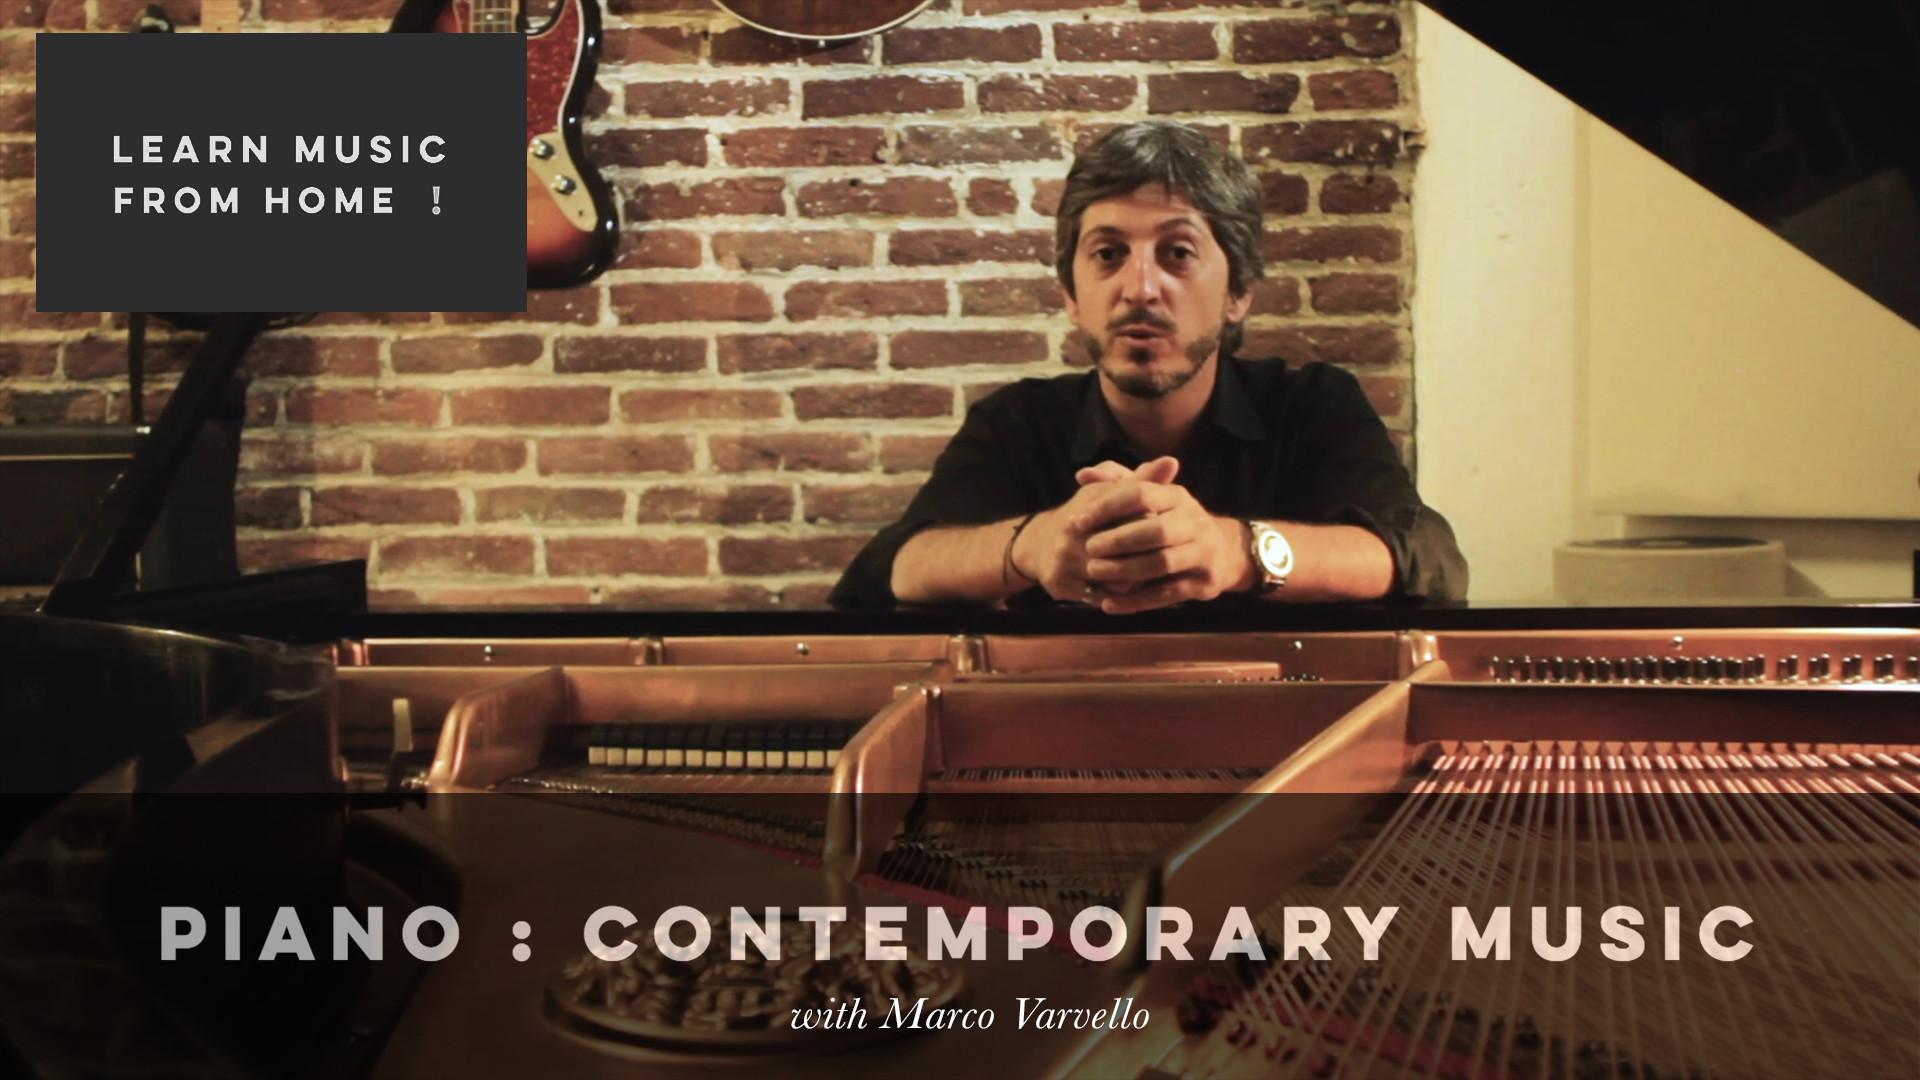 PIANO: CONTEMPORARY MUSIC